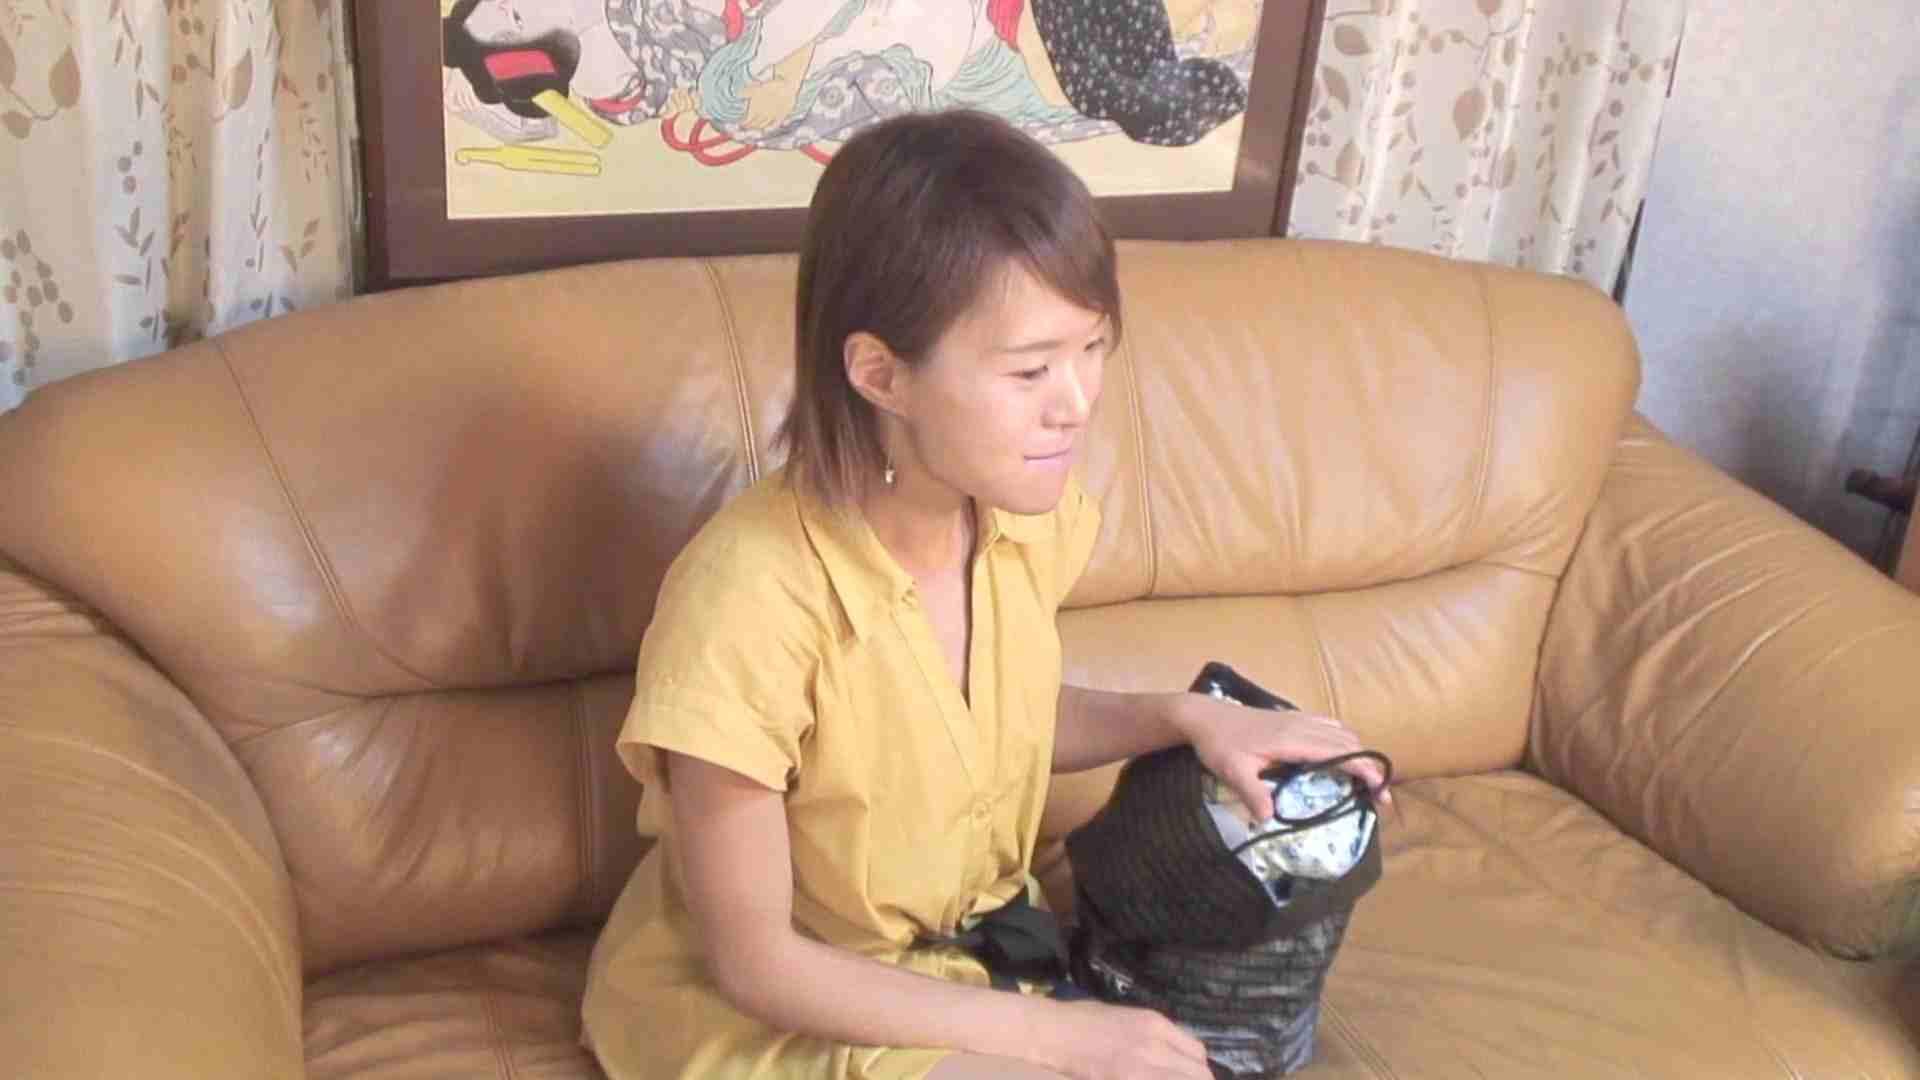 鬼才沖本監督作品 フェラしか出来ない女 中出し すけべAV動画紹介 52枚